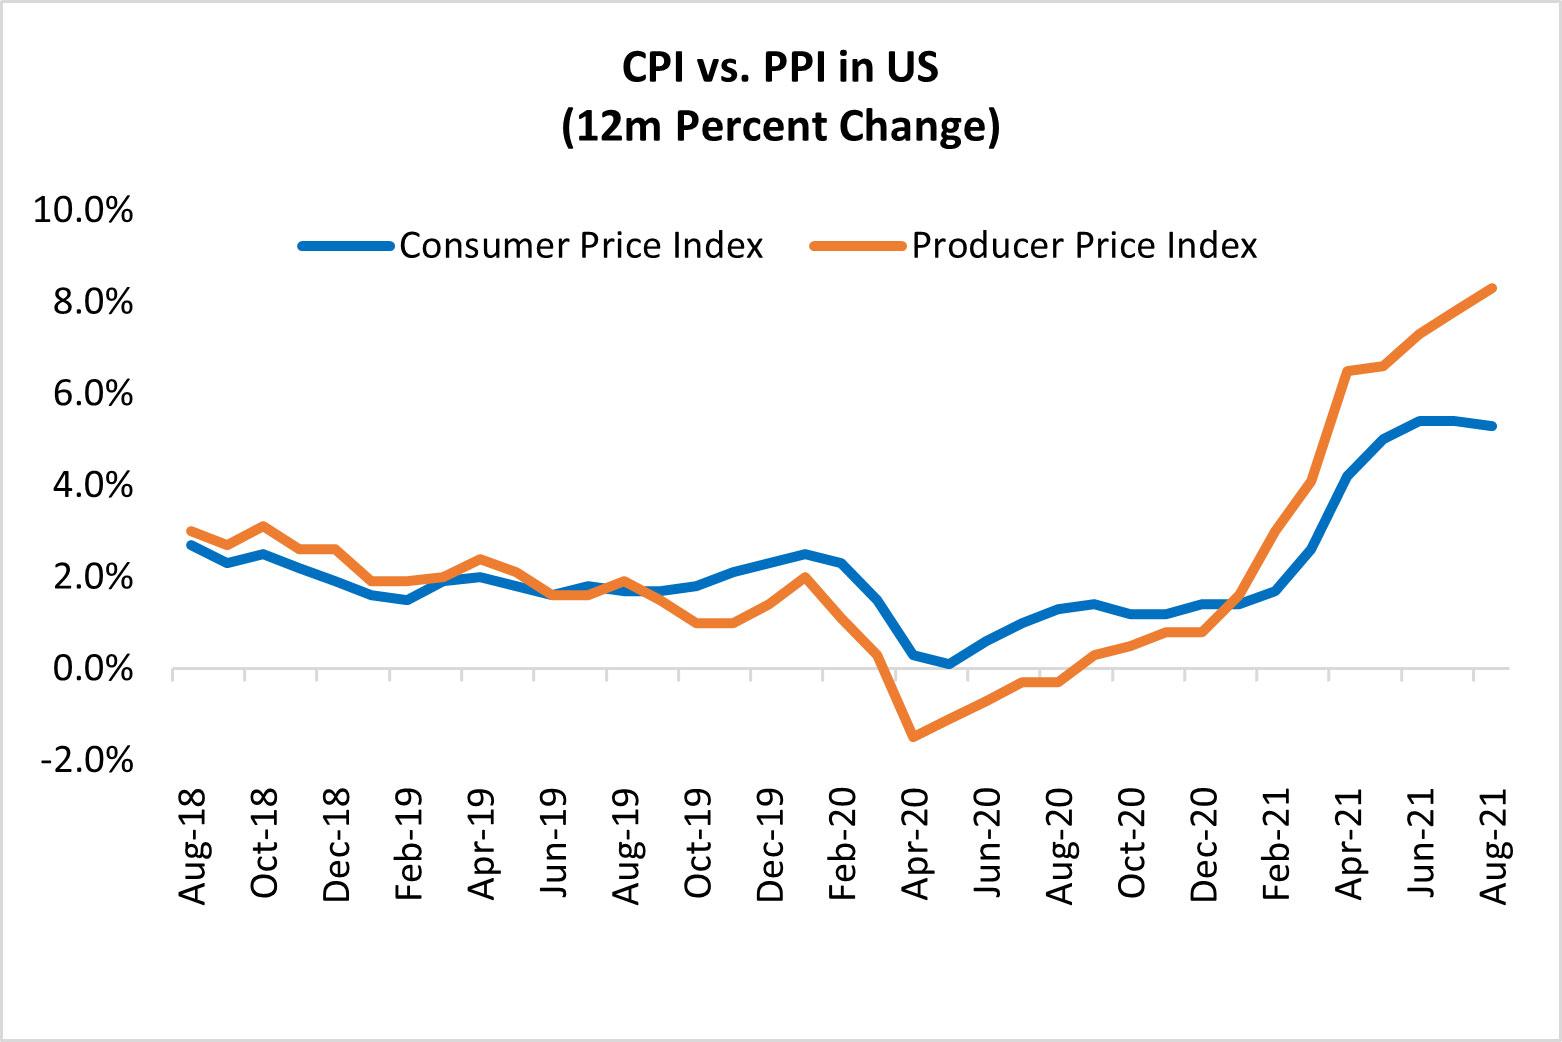 CPI vs PPI in US